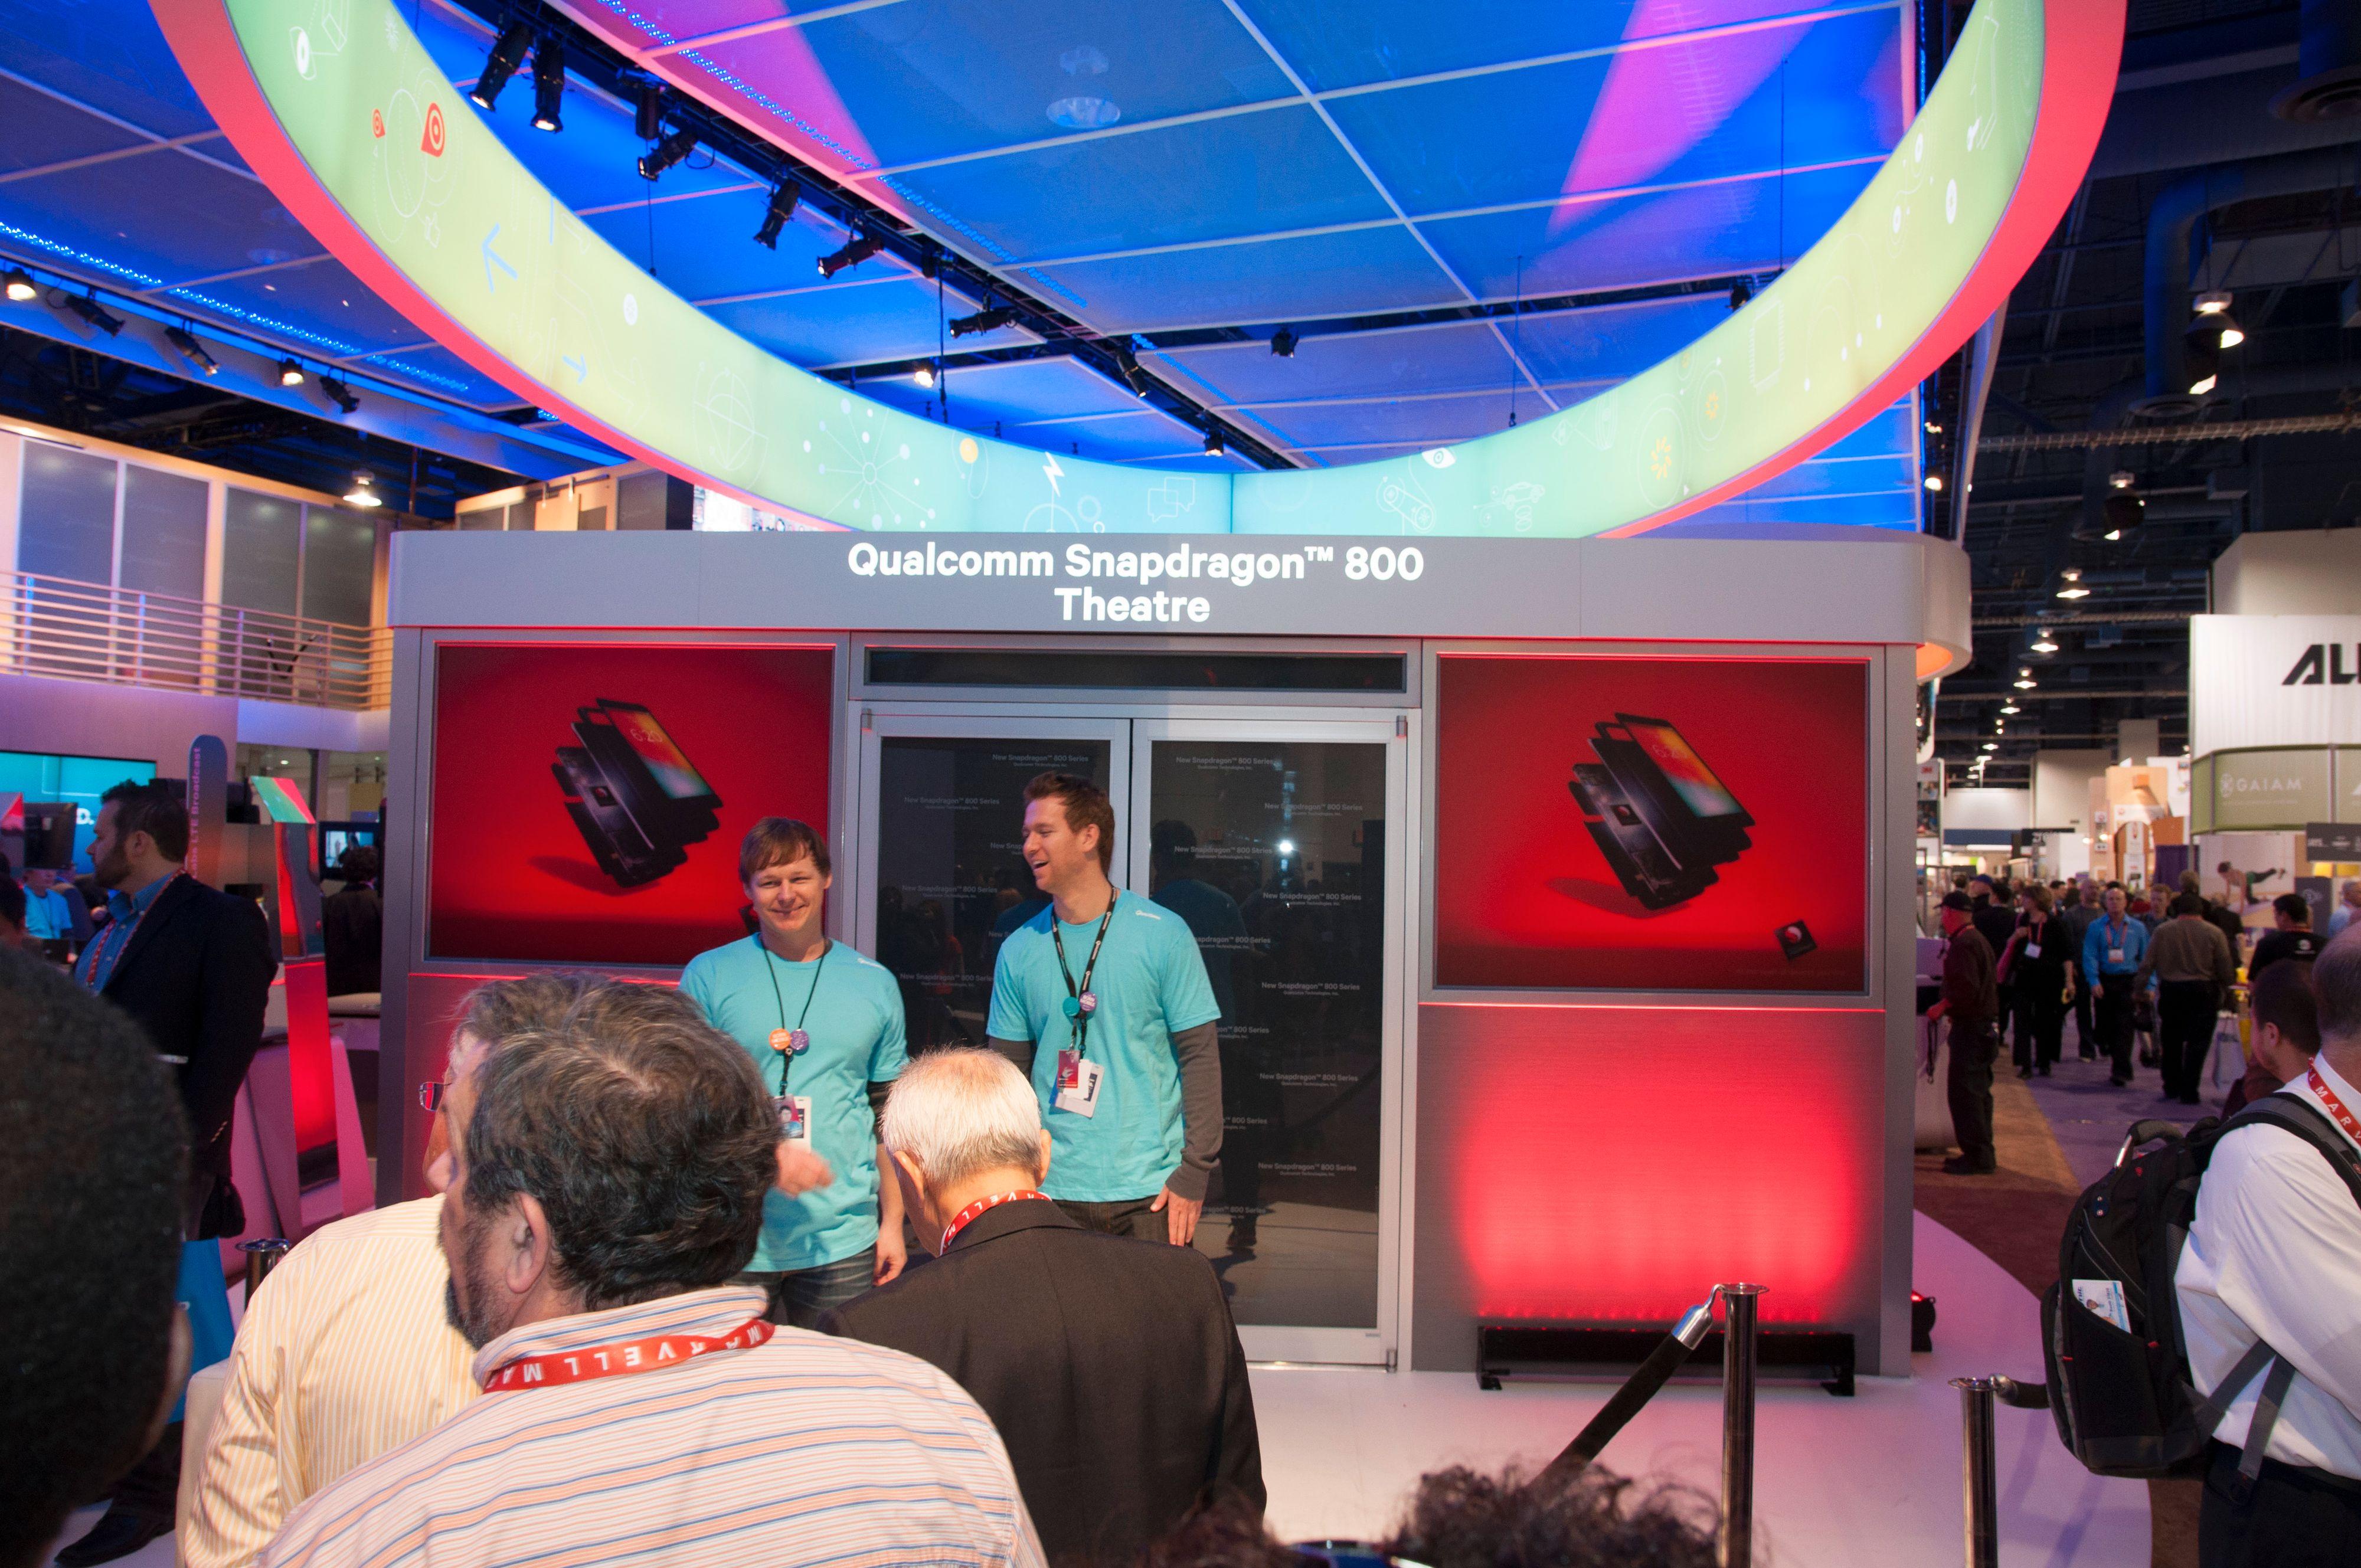 Snapdragon 800 kan vise video i 4K, noe som ble demonstrert på en av Sonys nye 4K-TV-er i en spesialbygget kinosal.Foto: Finn Jarle Kvalheim, Amobil.no